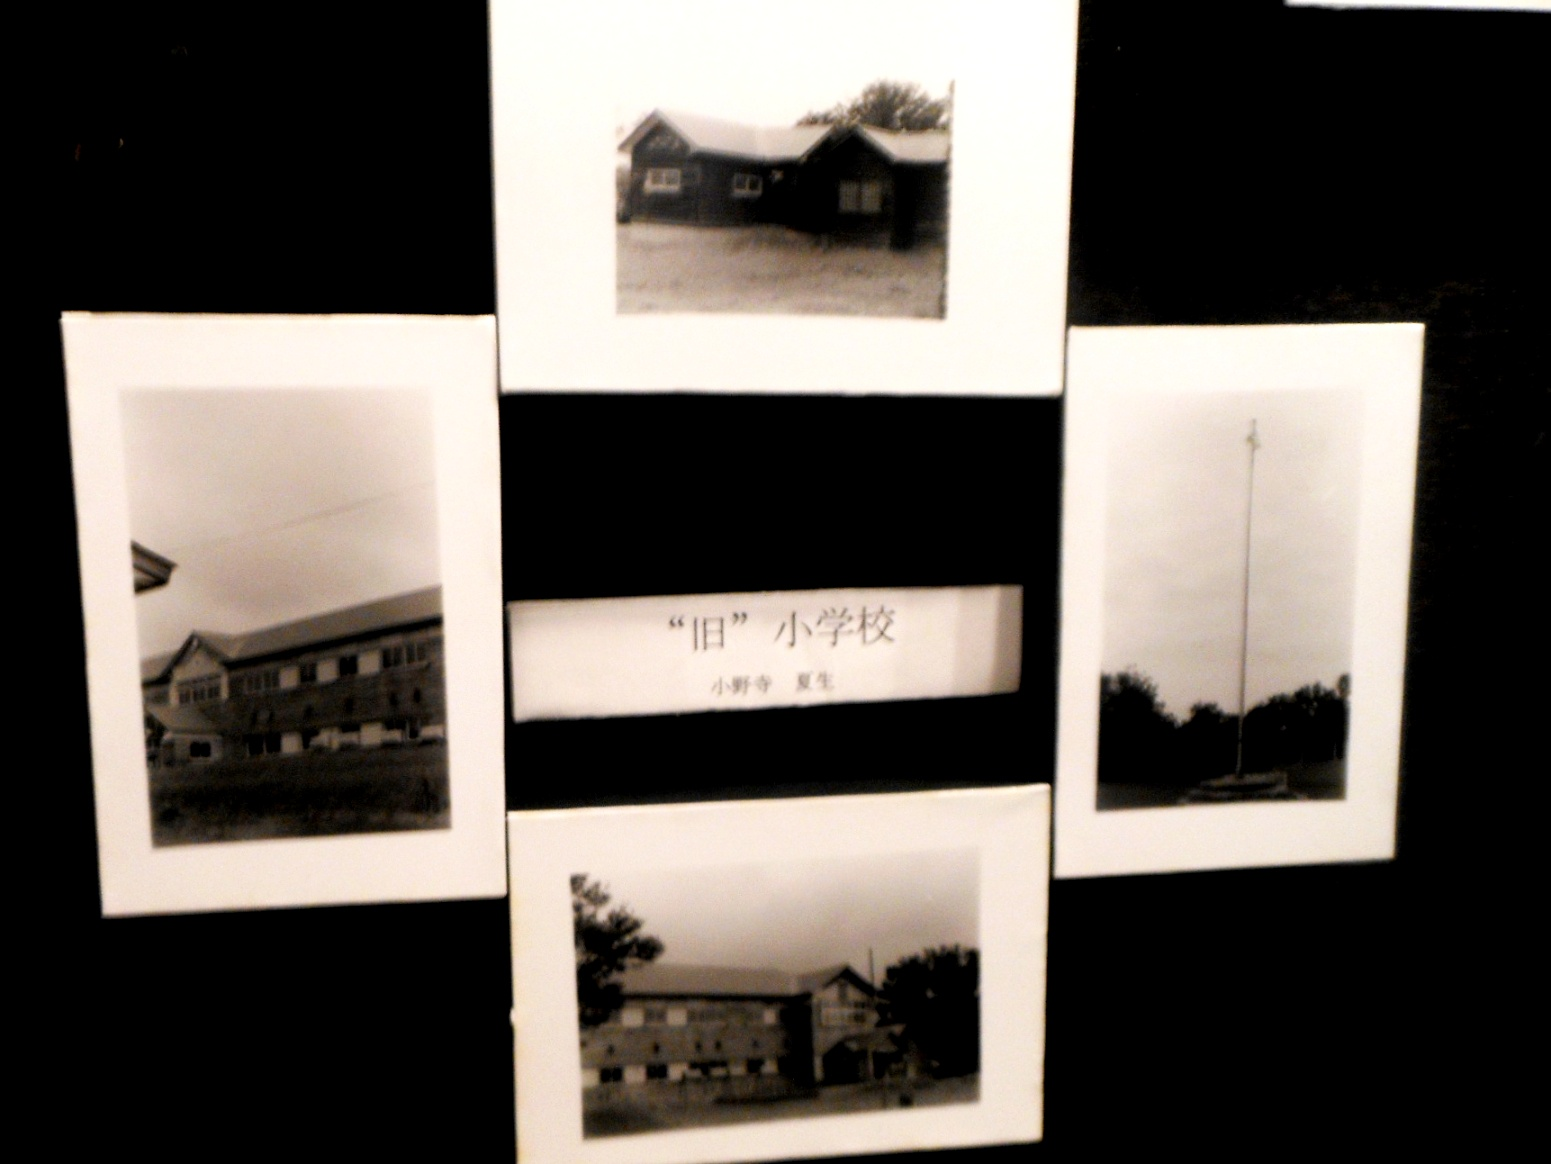 1793) 「札幌大学大学写真部 文連祭」 札幌大学構内 終了・6月16日(土)、17日(日)  _f0126829_10192844.jpg